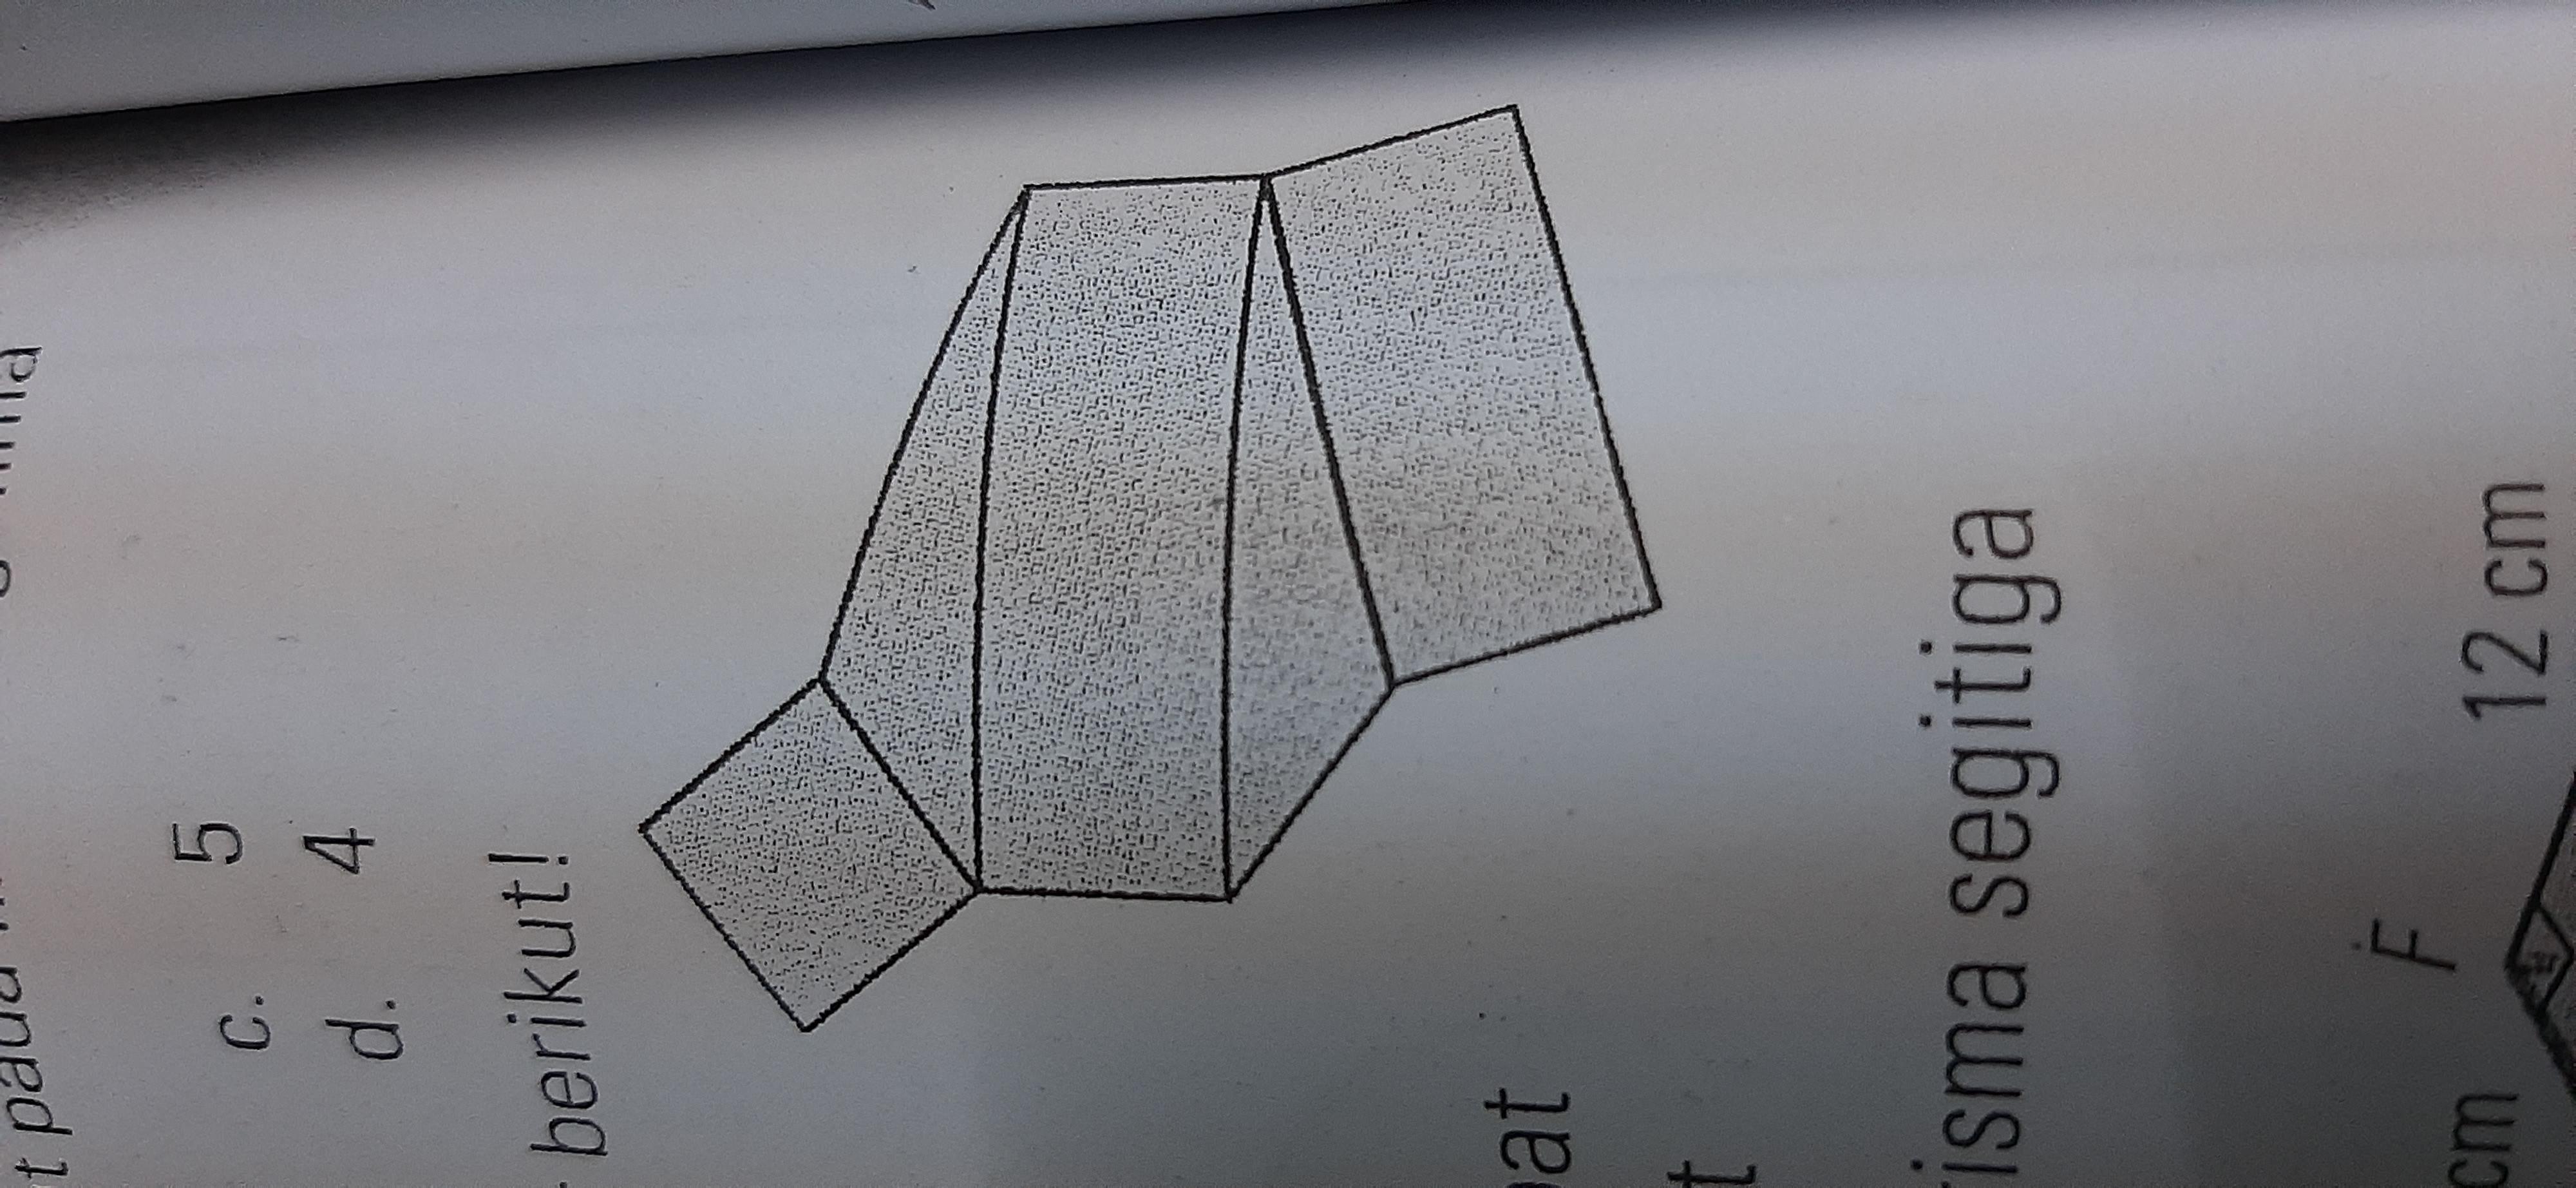 Perhatikan Gambar Berikut Gambar Tersebut Merupakan Jaring Jaring Bangun A Prisma Segitiga B Limas Brainly Co Id